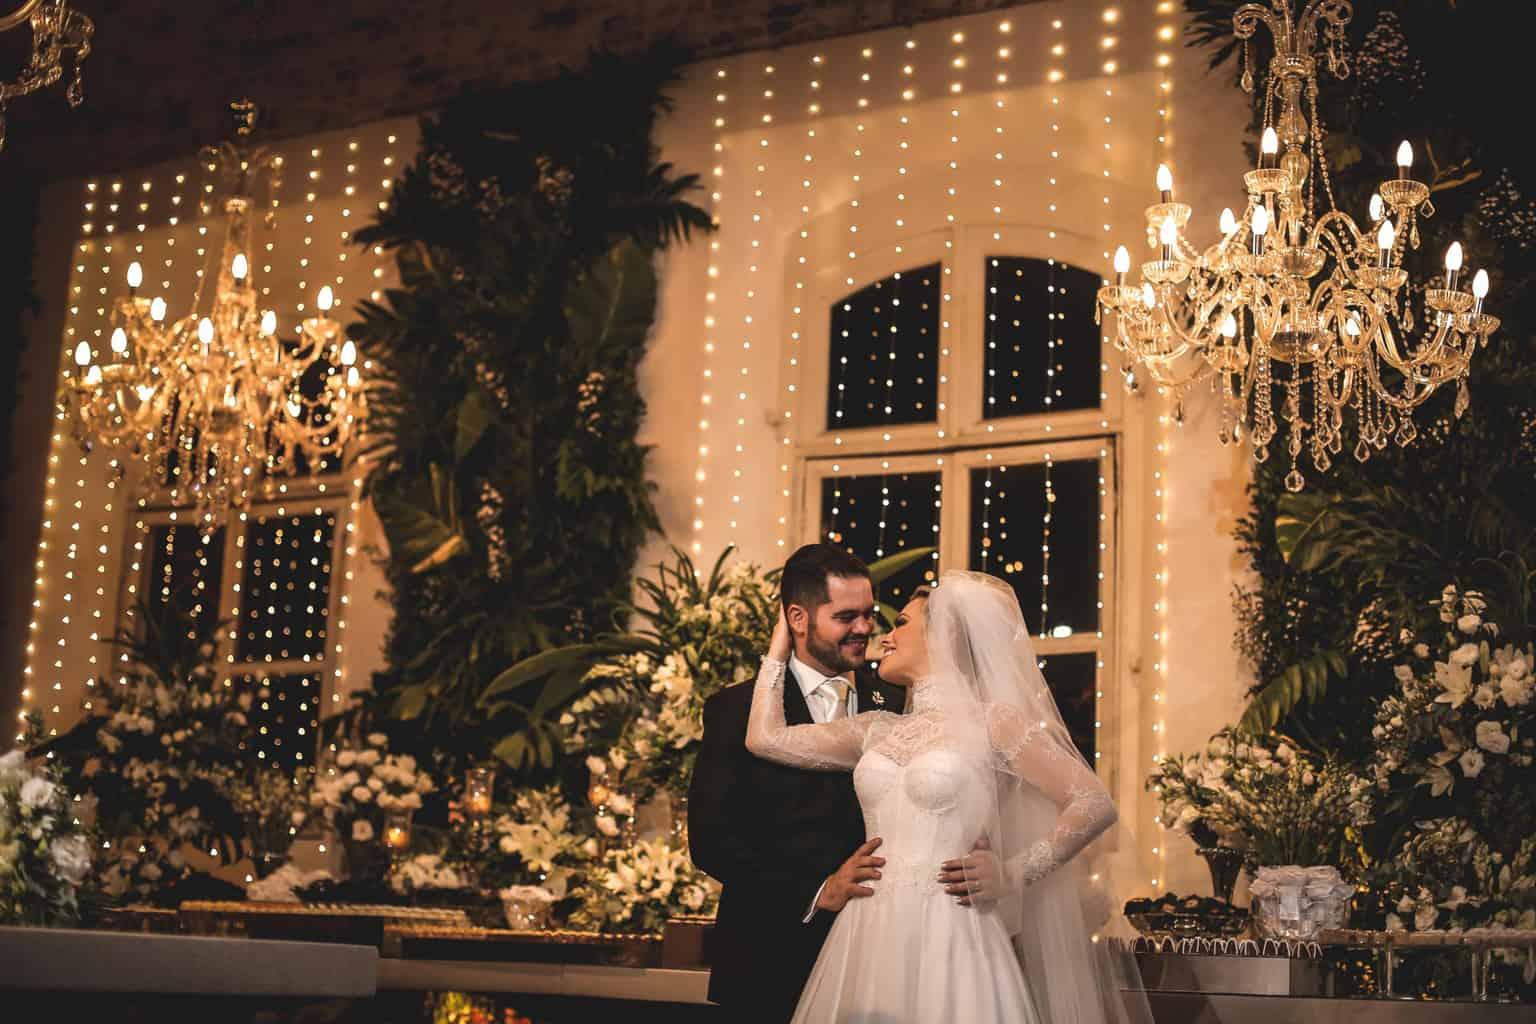 casamento-Juliana-e-Eduardo-foto-dos-noivos-Fotografia-Ricardo-Nascimento-e-Thereza-magno-Usina-dois-irmãos88